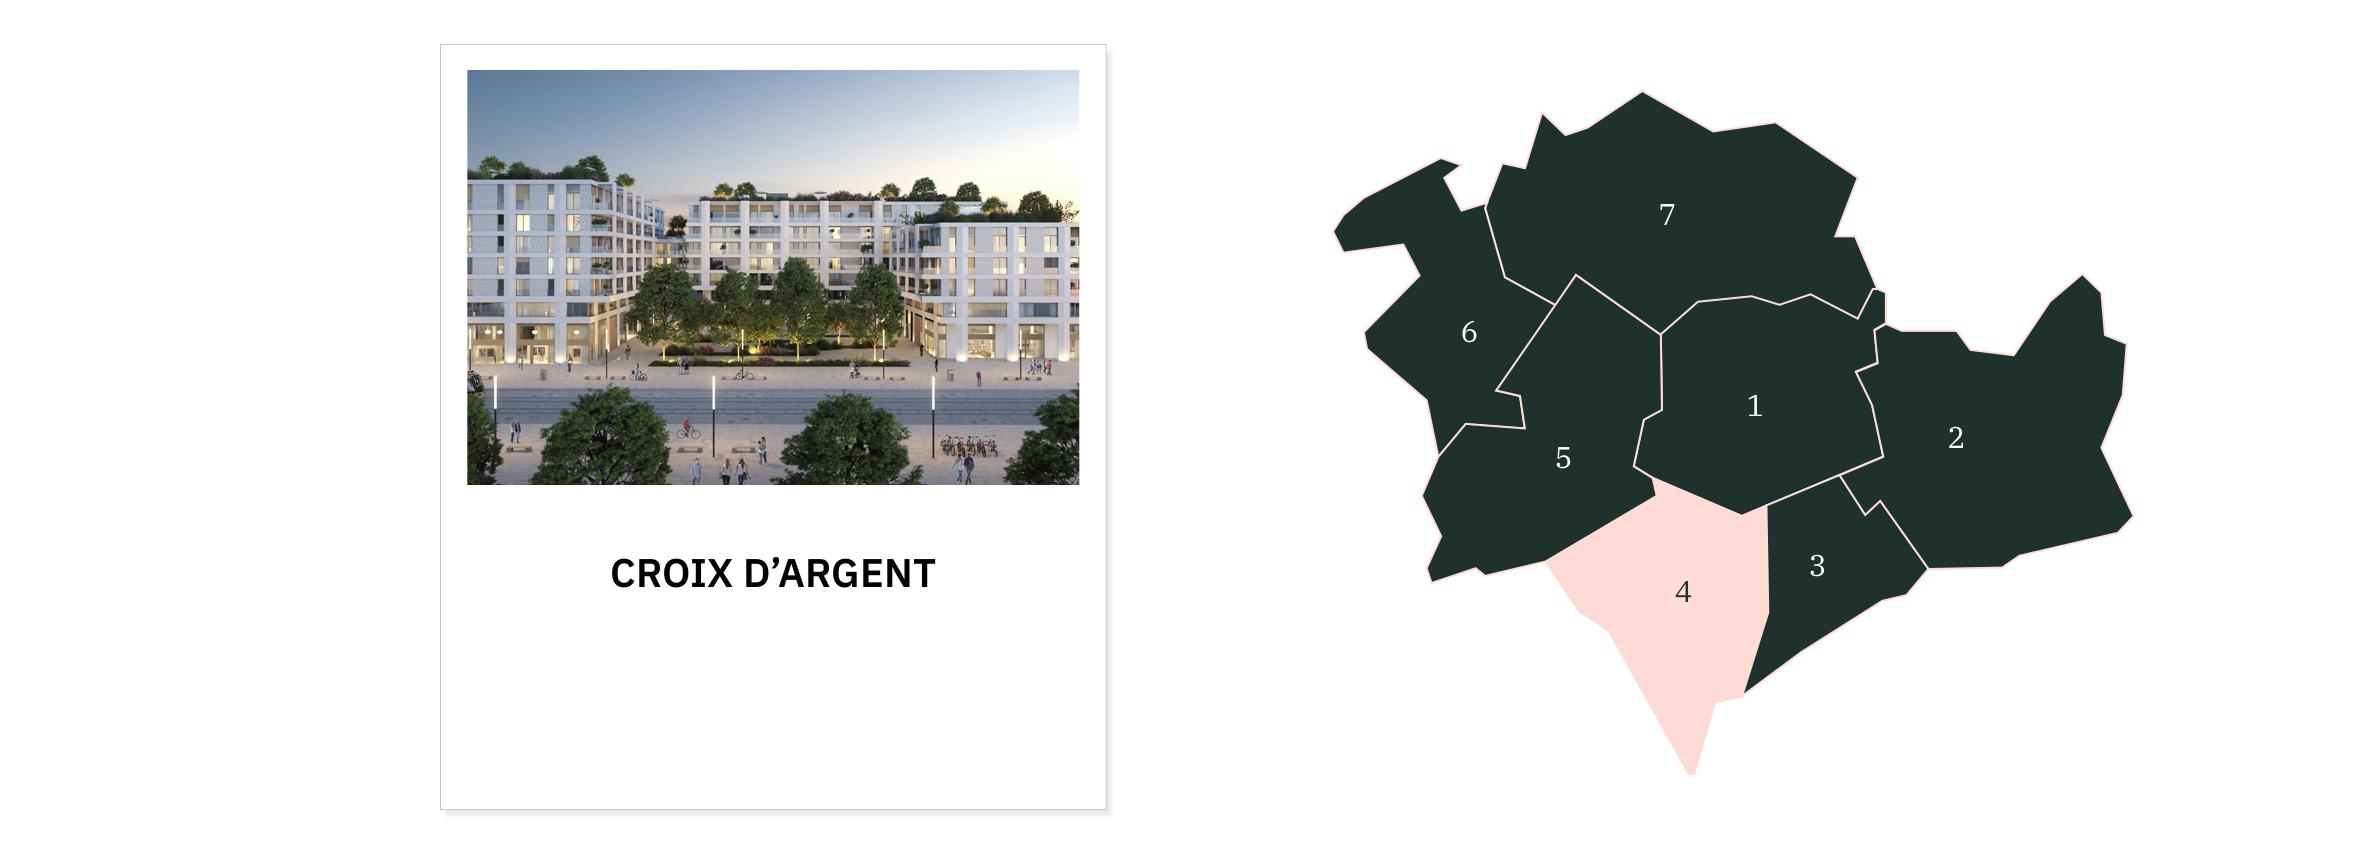 Croix d'argent ⎮ Carte des quartiers de Montpellier